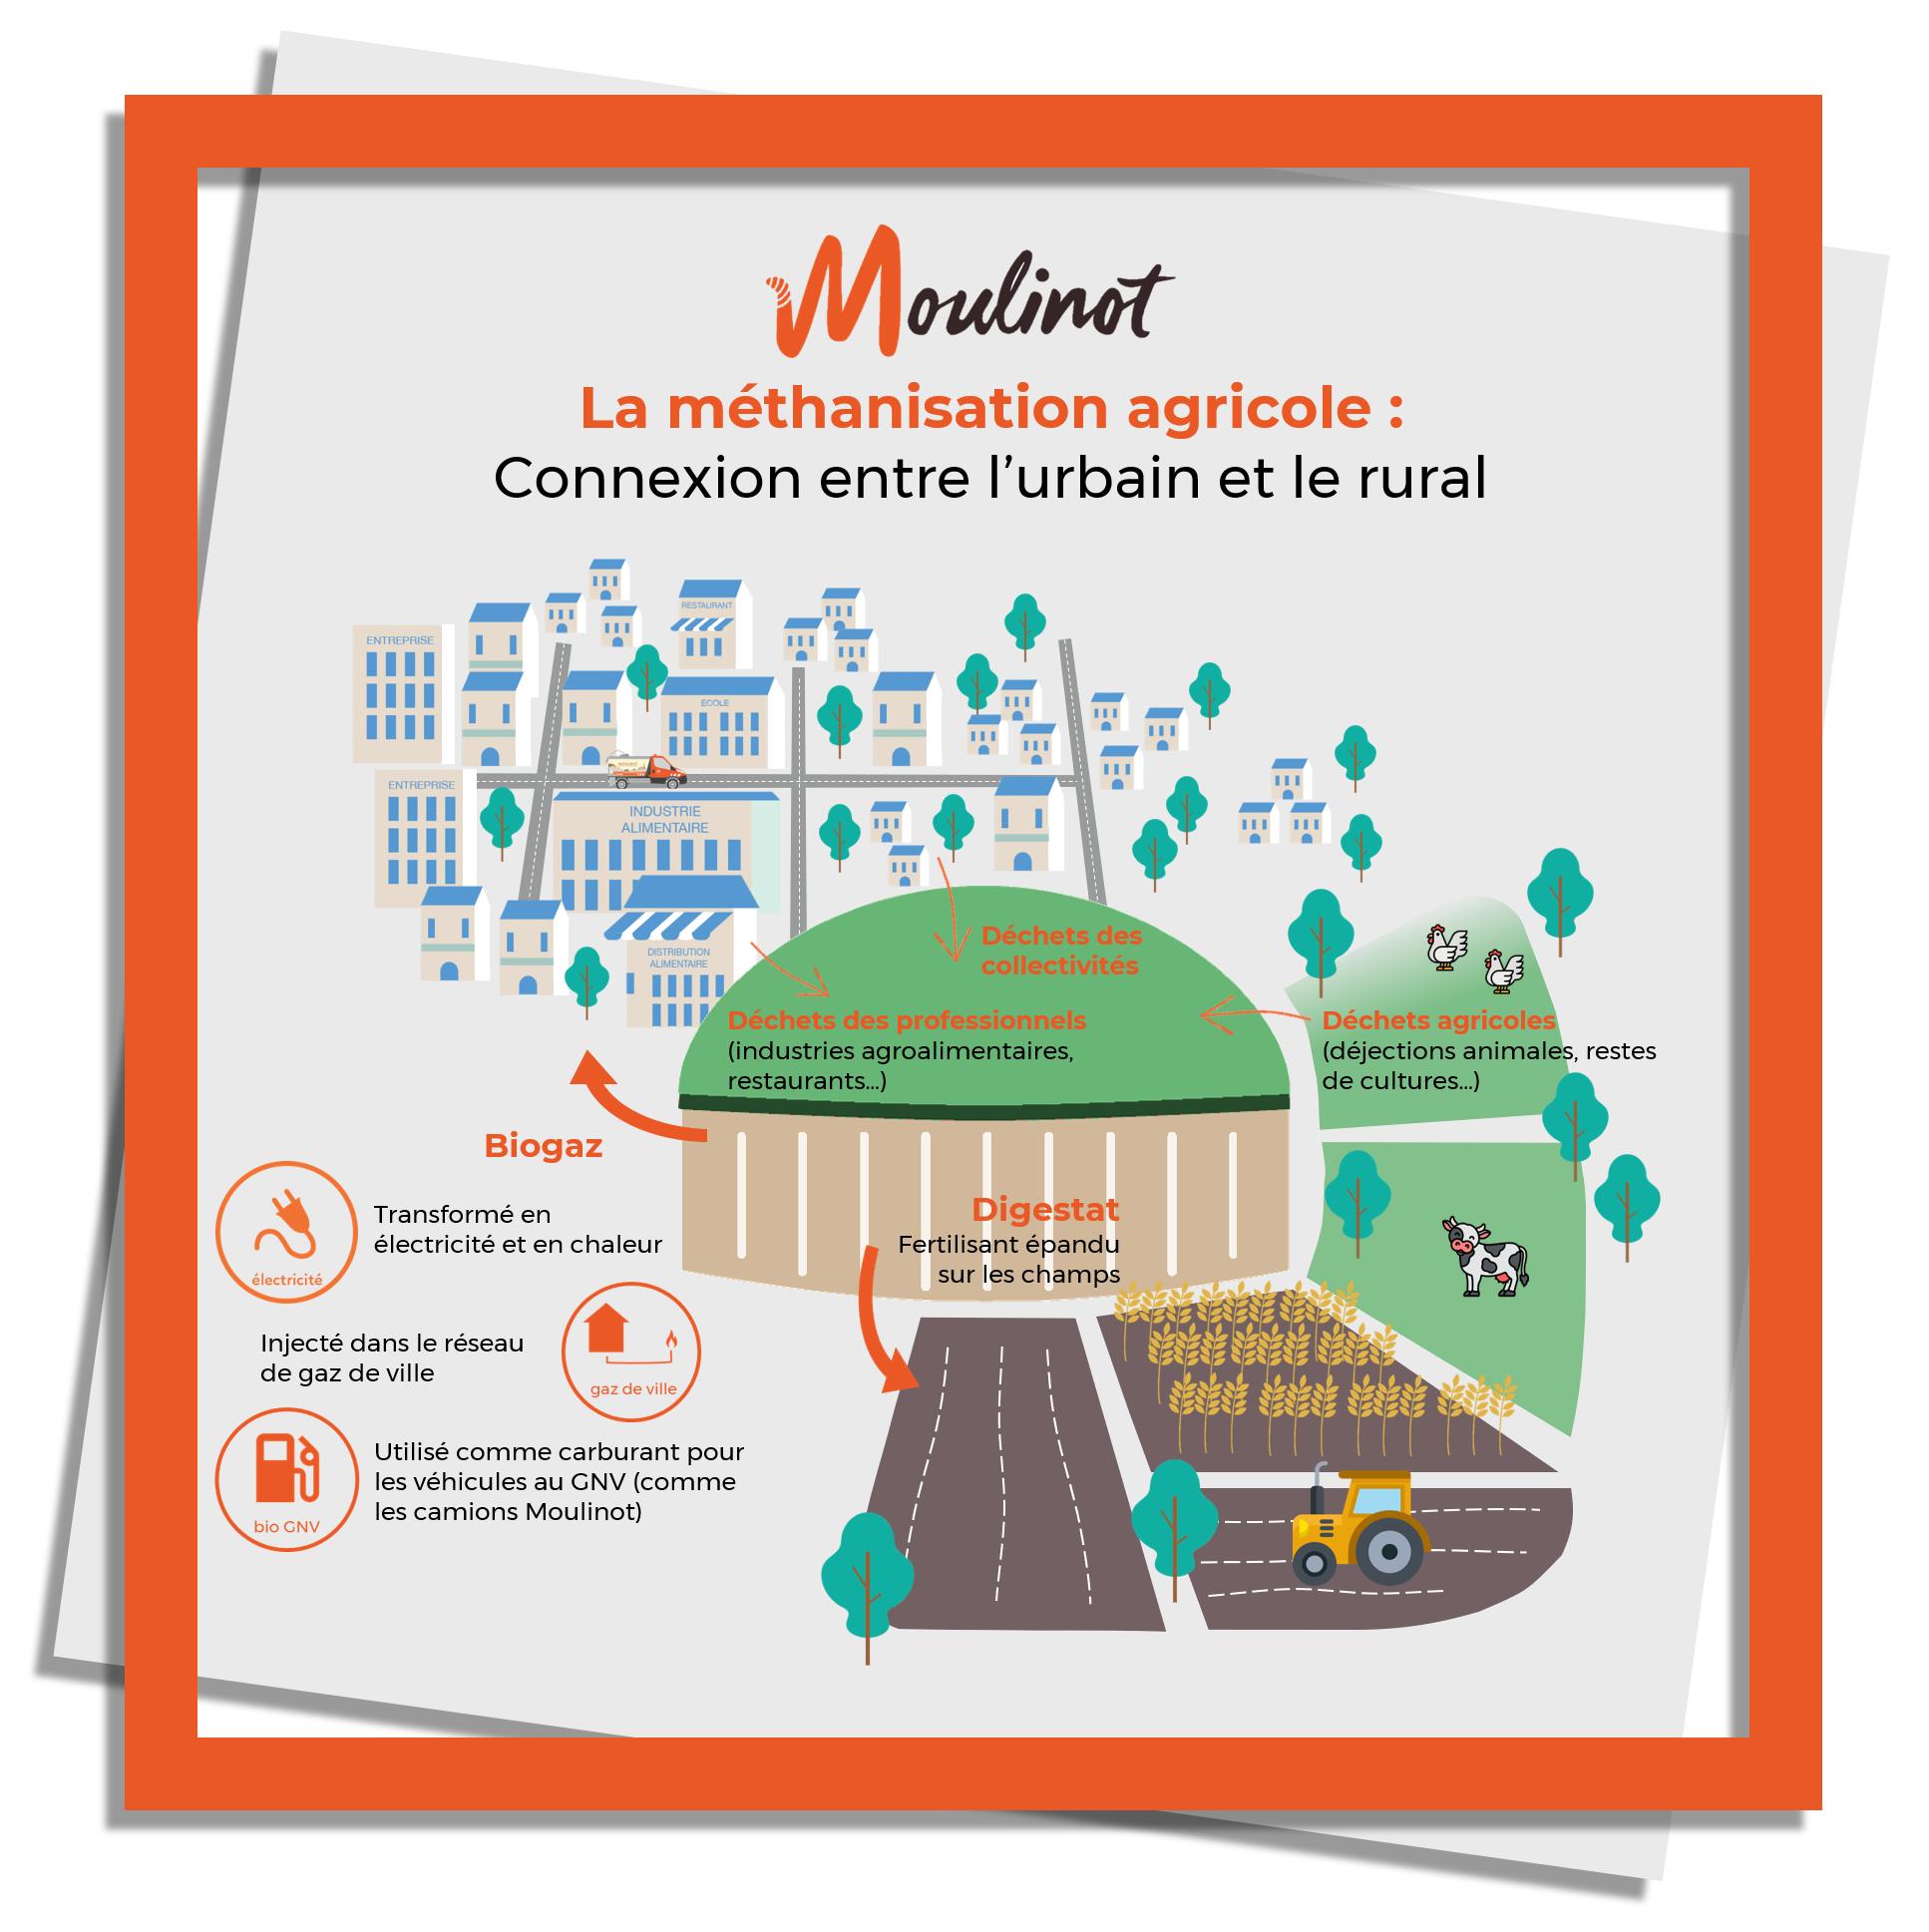 Moulinot collecte les biodéchets et les déchets alimentaires des collectivités et des professionnels (industries agroalimentaires, cantines, restaurants...) en Ile de France et à Paris. Ceux ci sont mélangés avec des déchets agricoles dans un méthaniseurs. Le méthanisation permet de créer du biogaz, injecté dans le réseau de gaz de ville ou utilisé comme carburant pour les véhicules fonctionnant au bioGNV. La matière restante, appelée digestat est utilisée comme fertilisant et épandu sur les champs. Economie circulaire